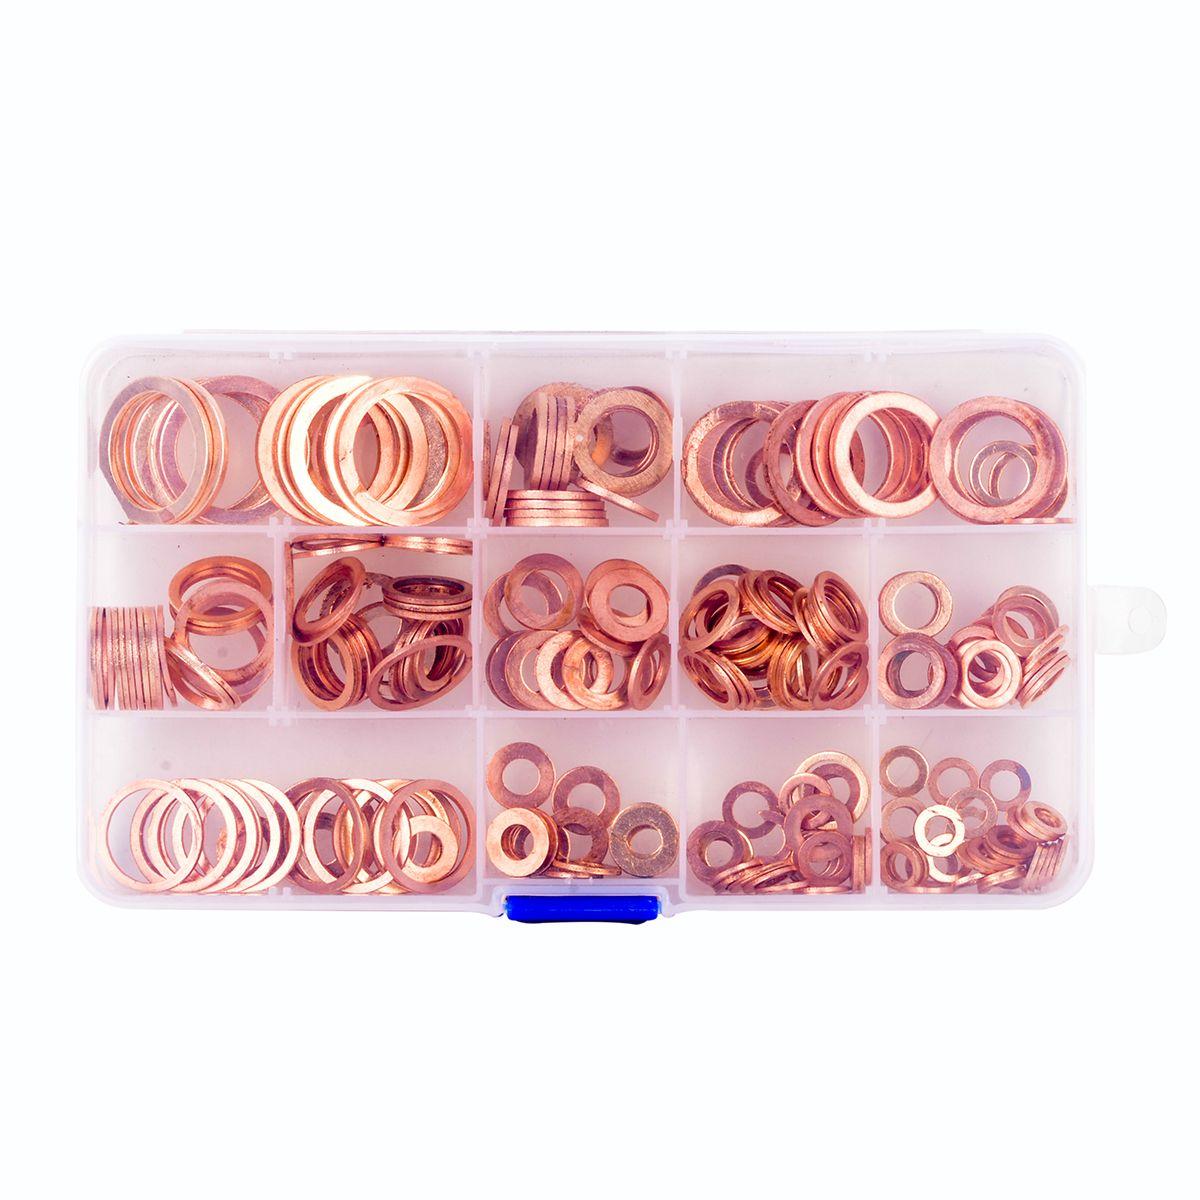 280 teile/satz Sortiment Massivem Kupfer Washer Dichtring Kupfer Dichtungssatz mit Fall 12 Größen